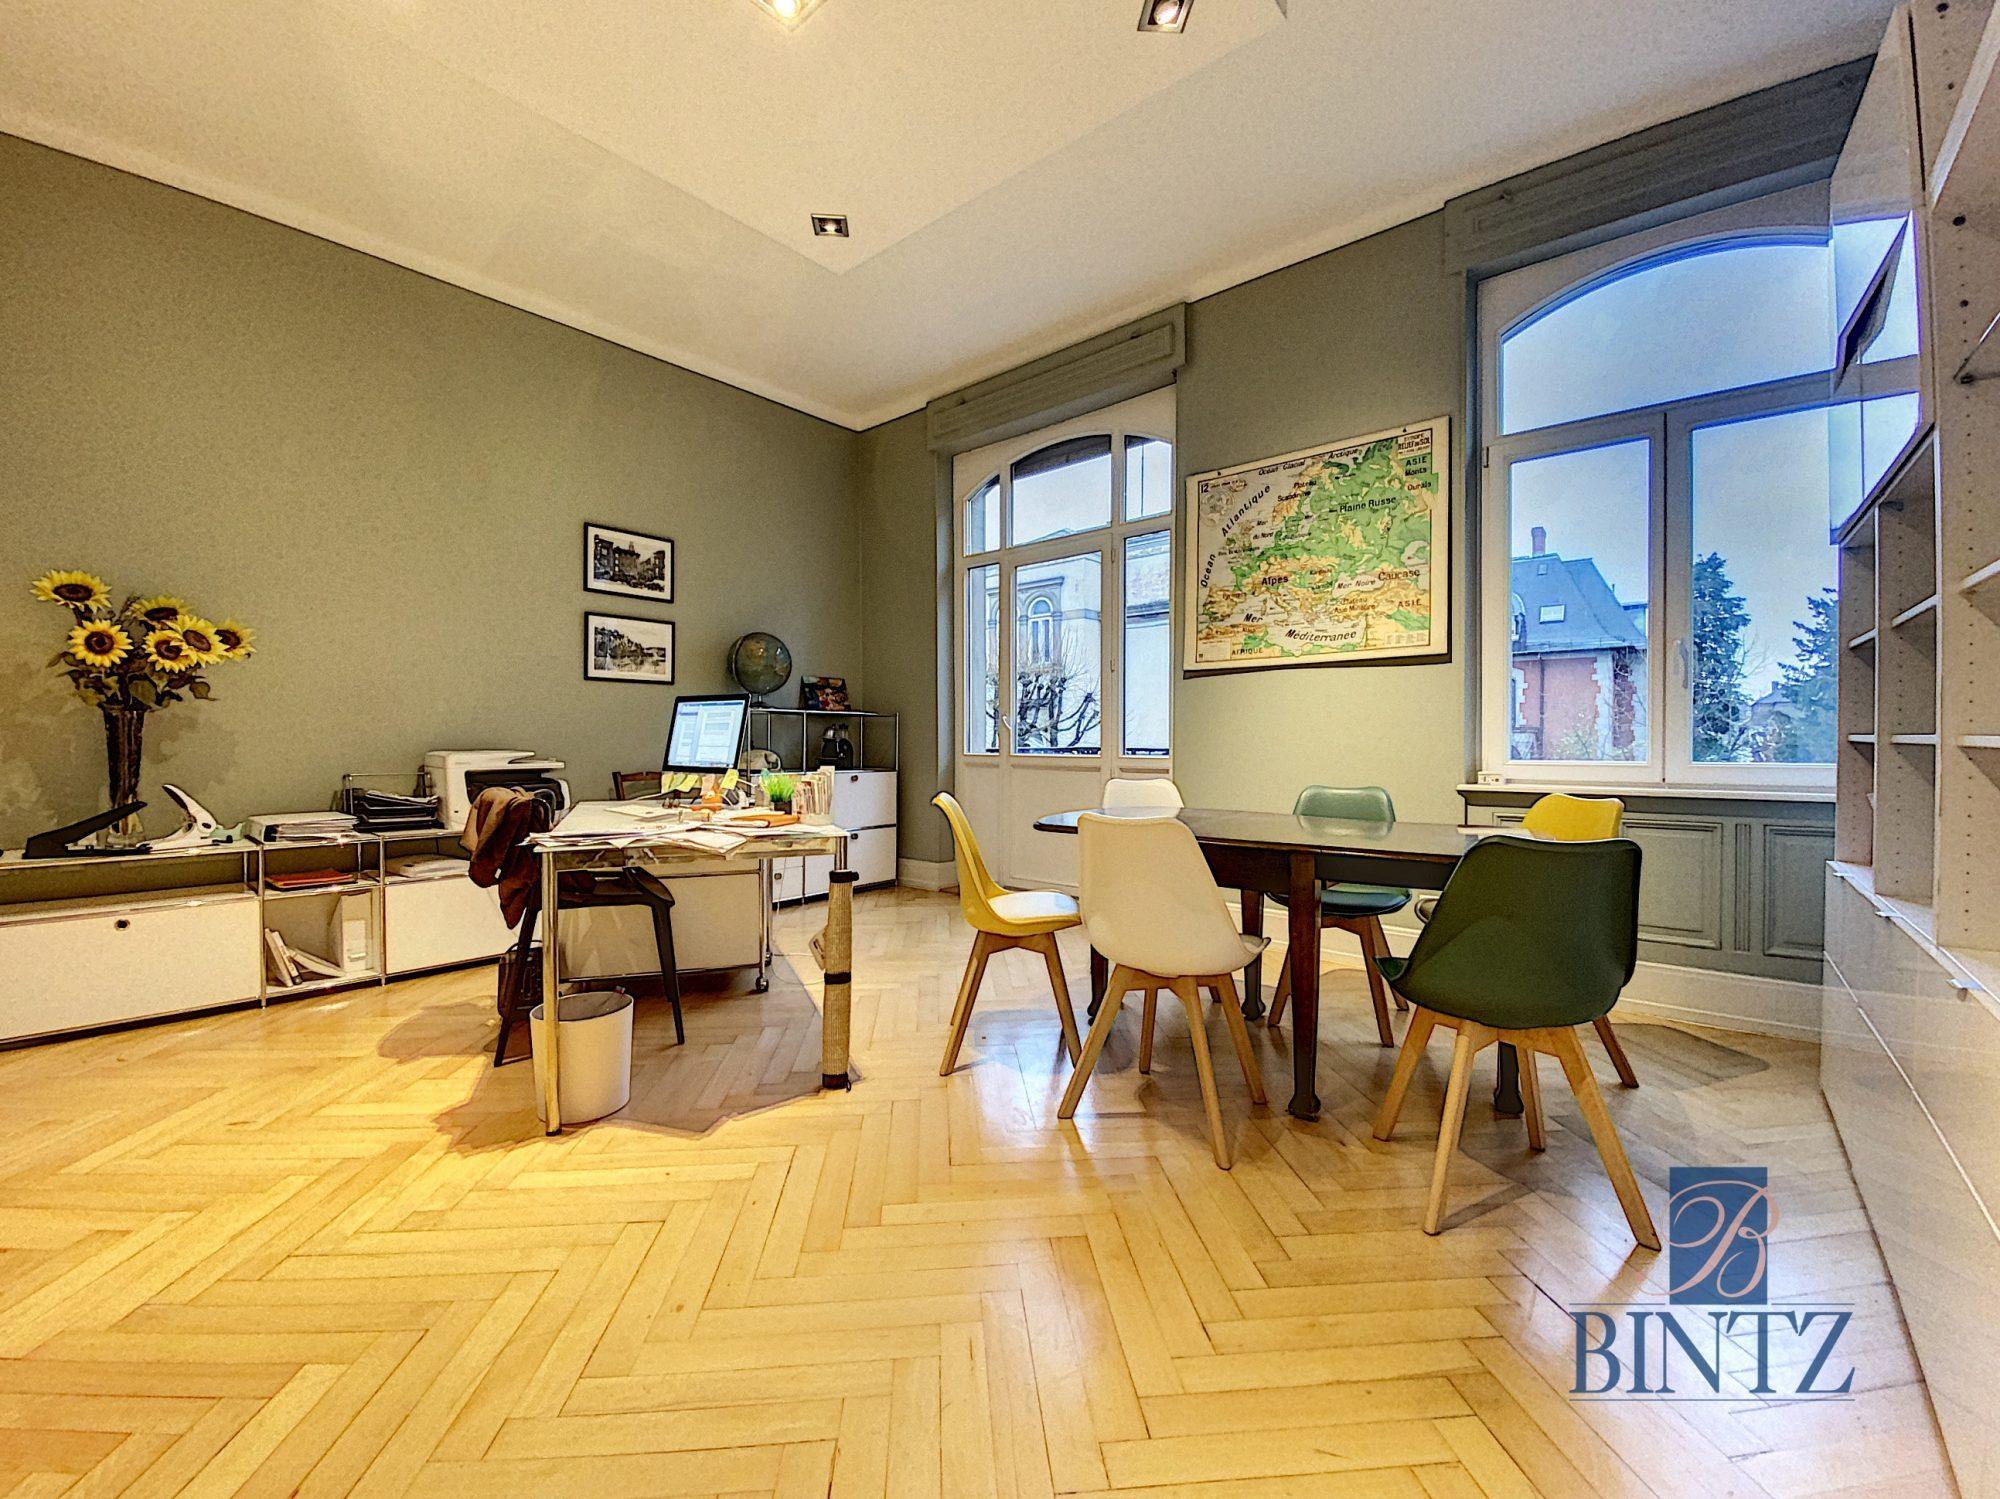 MAGNIFIQUE HOTEL PARTICULIER À STRASBOURG - Devenez propriétaire en toute confiance - Bintz Immobilier - 5